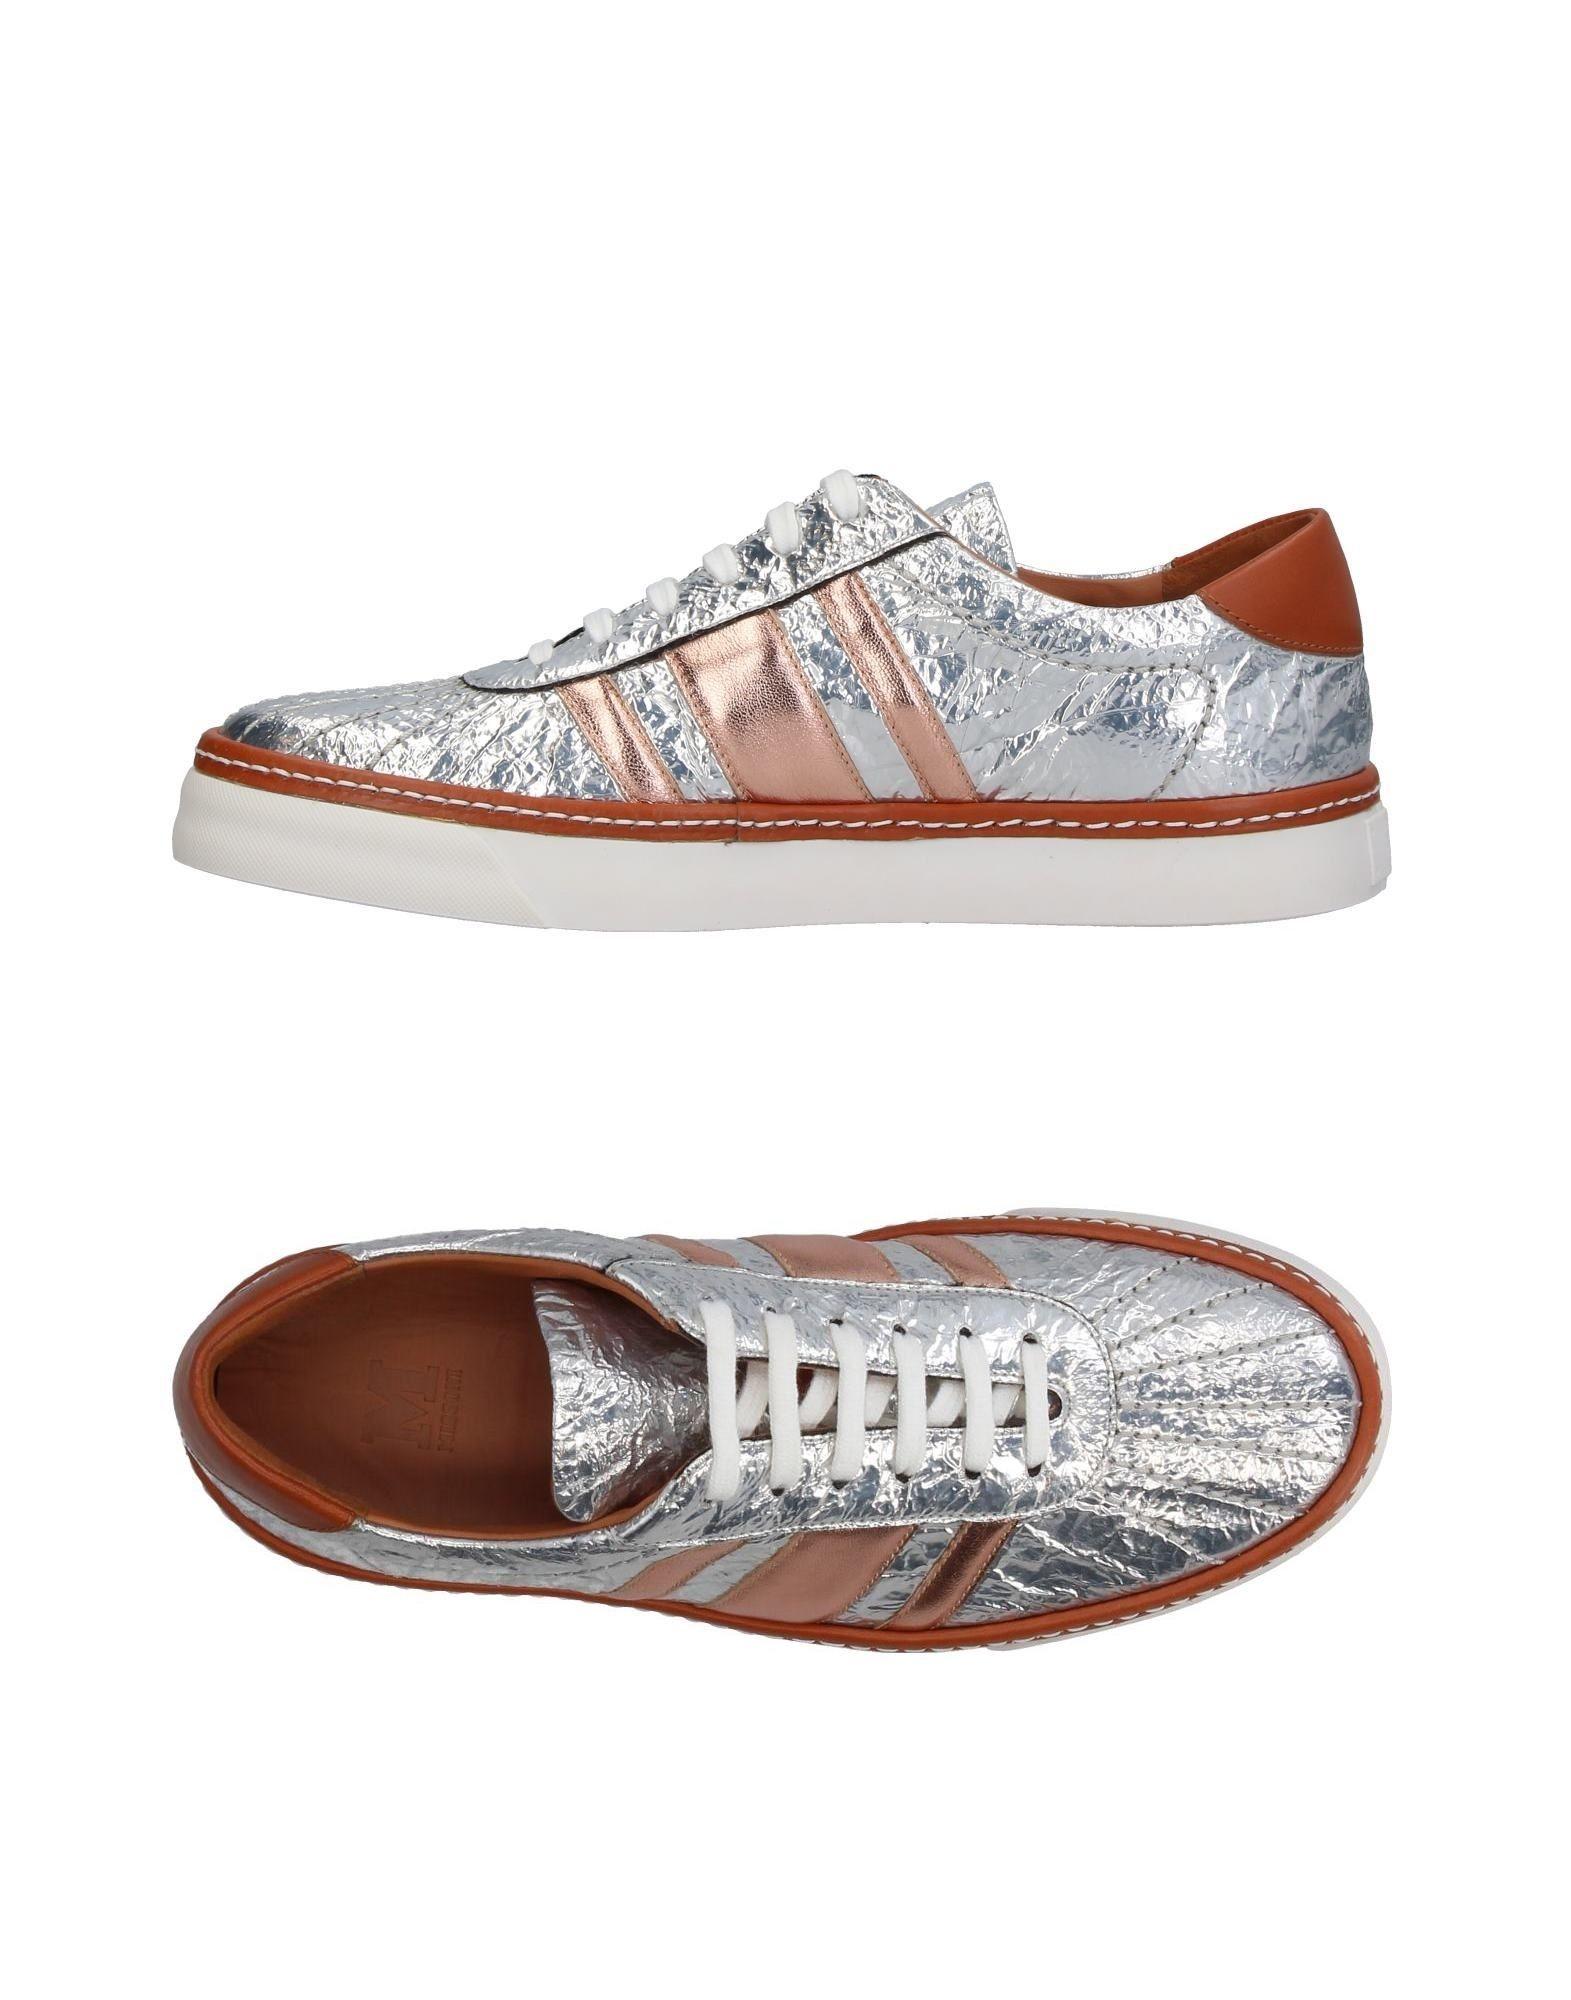 M MISSONI Низкие кеды и кроссовки malibu sandals x missoni низкие кеды и кроссовки